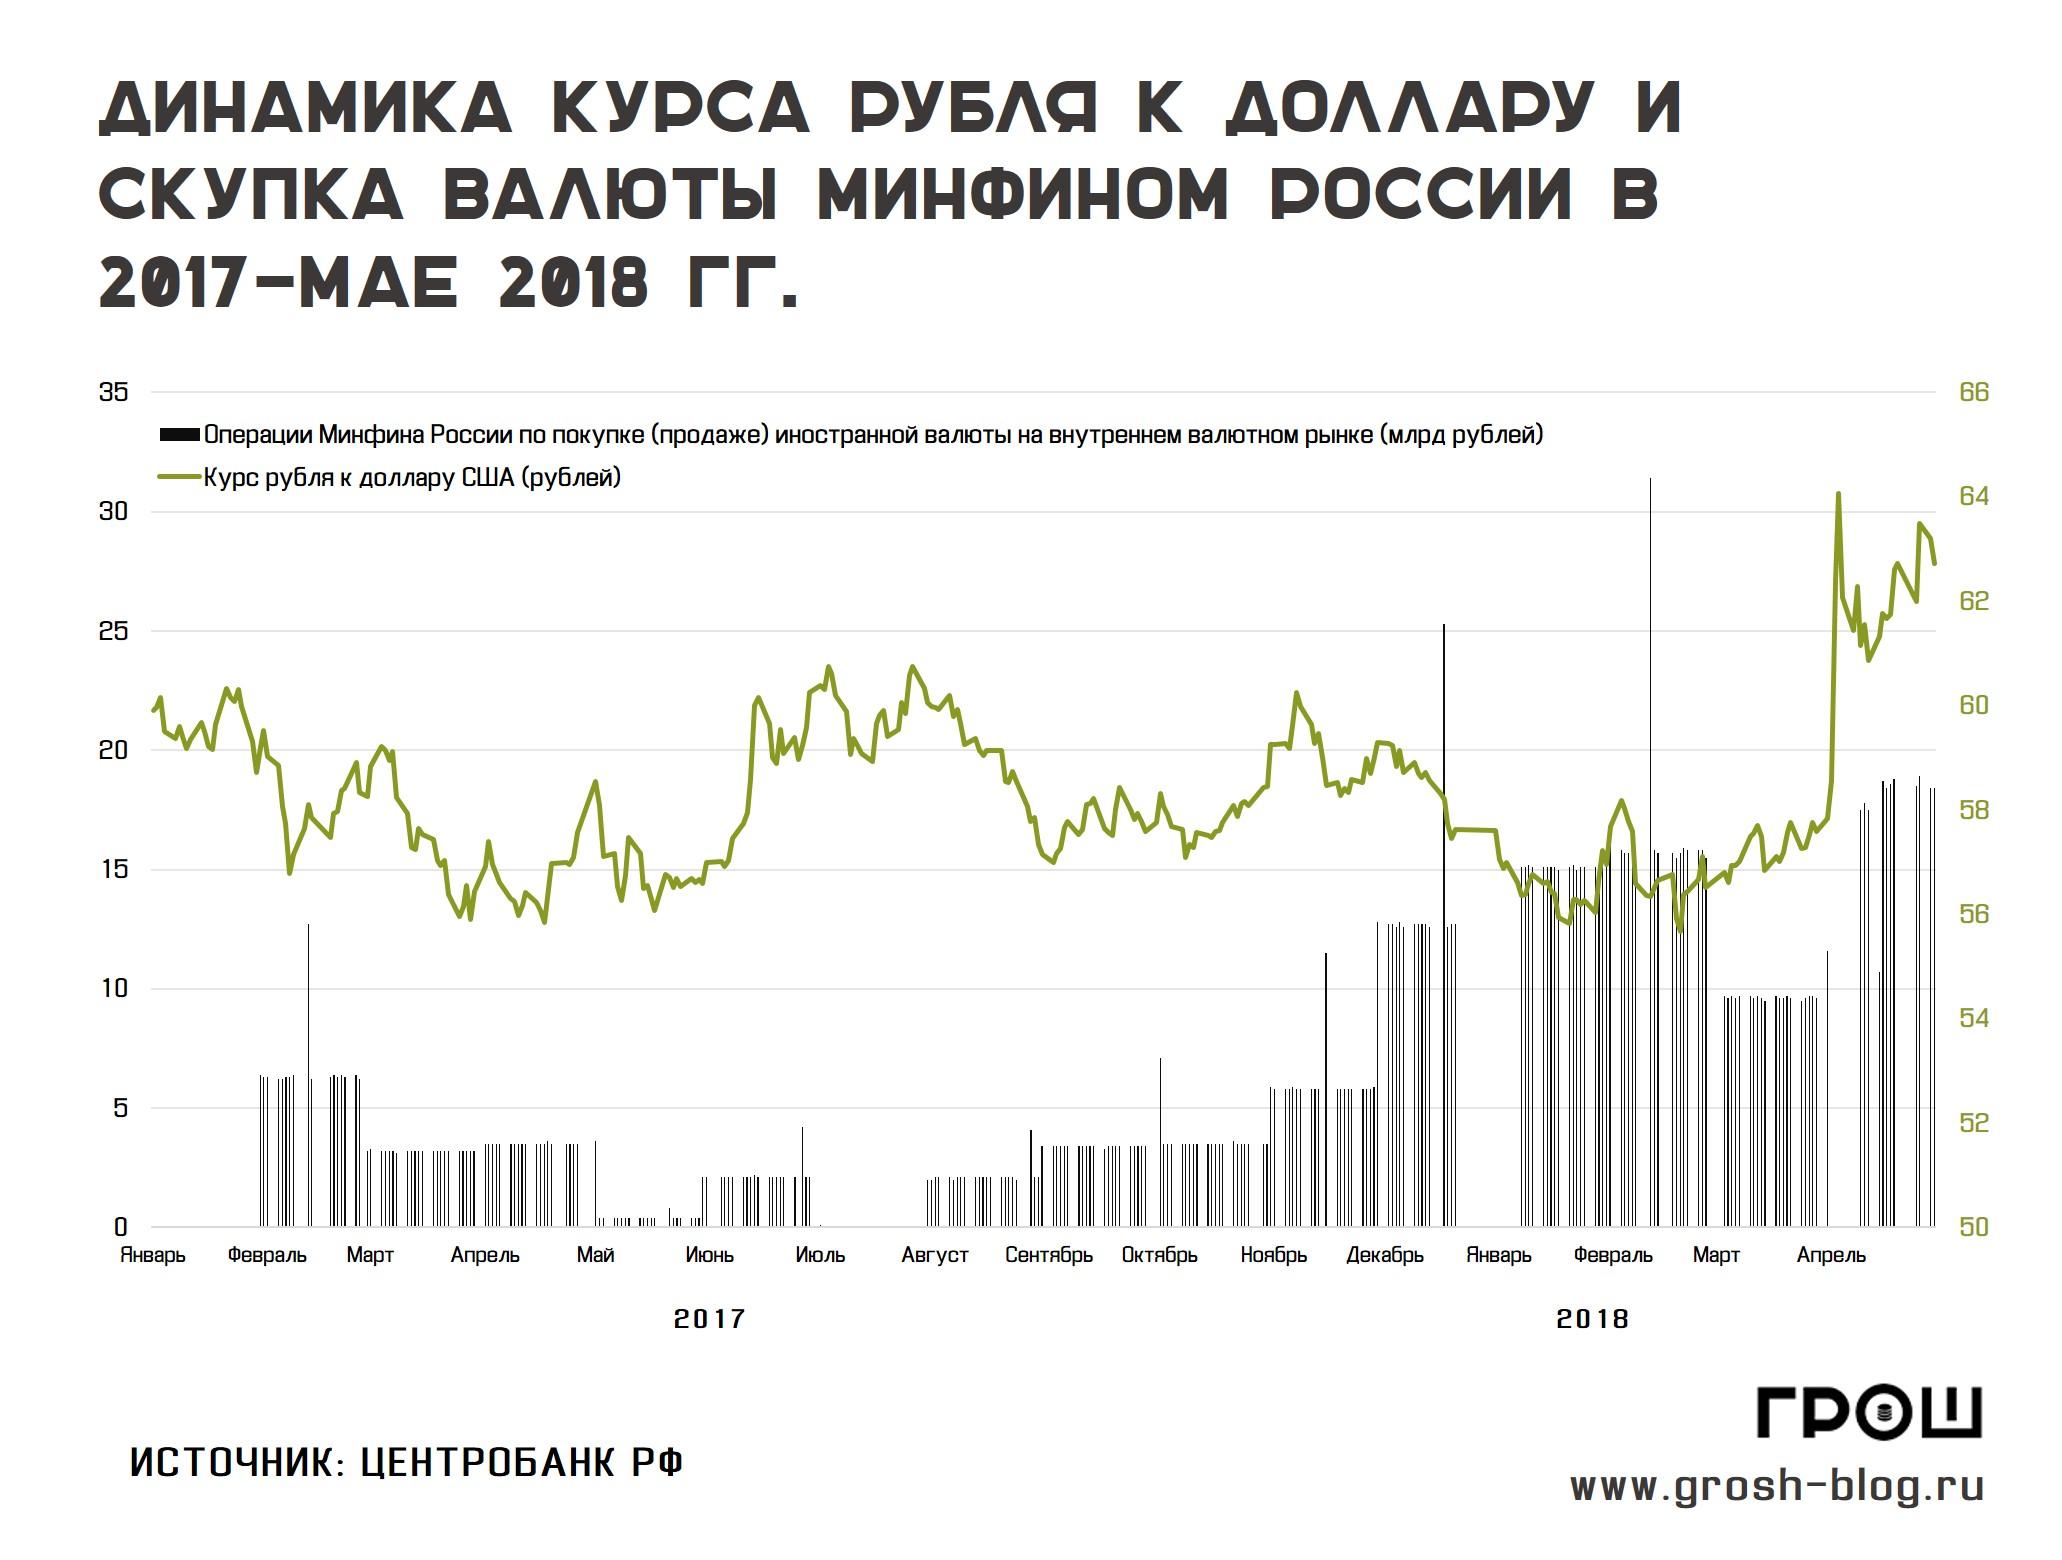 покупка валюты минфином рф https://grosh-blog.ru